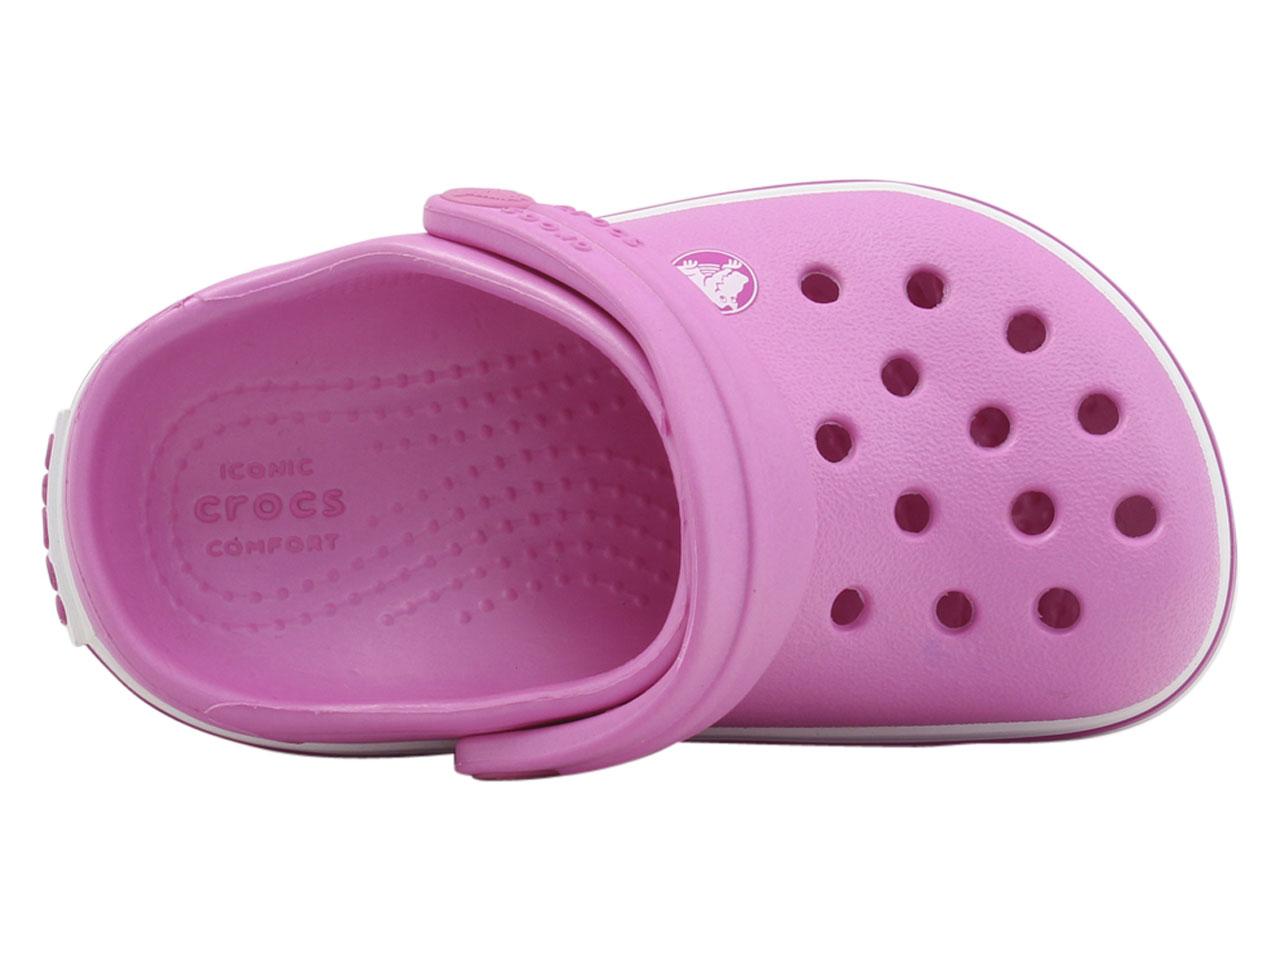 Crocs-Little-Kid-039-s-Crocband-Clogs-Sandals-Shoes thumbnail 13